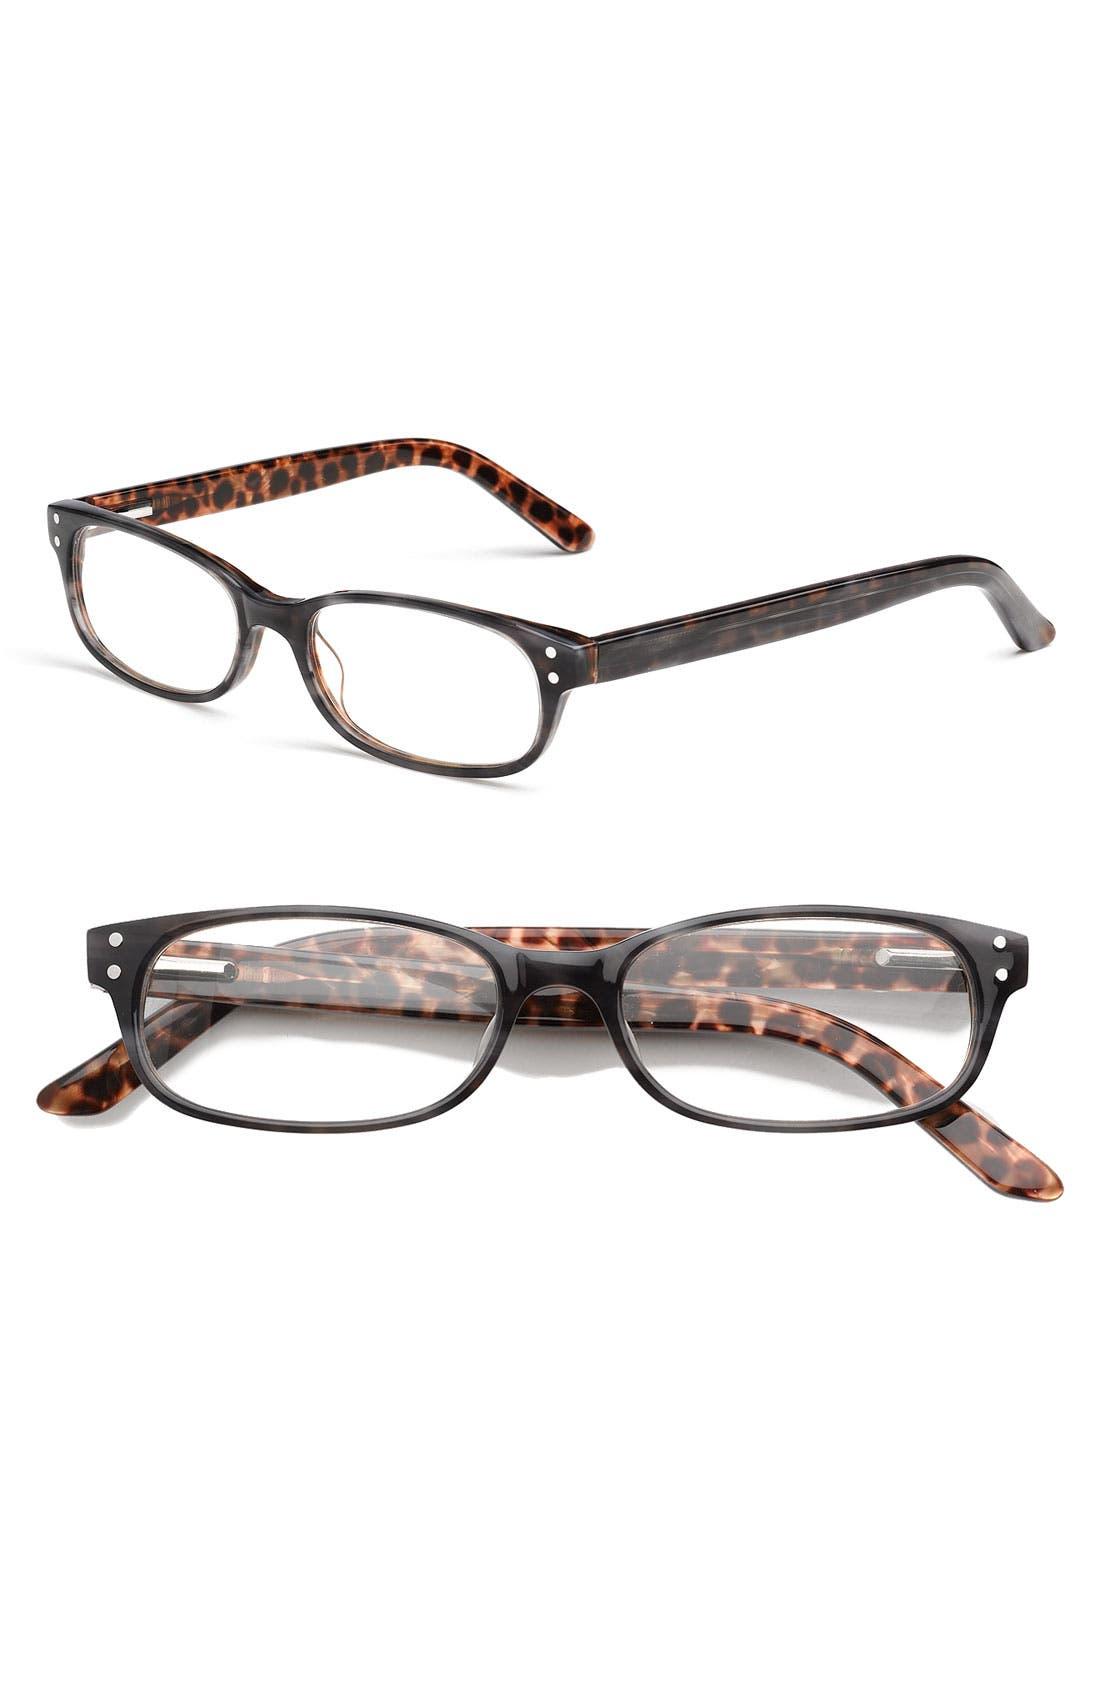 Main Image - I Line Eyewear 'Phantom' Reading Glasses